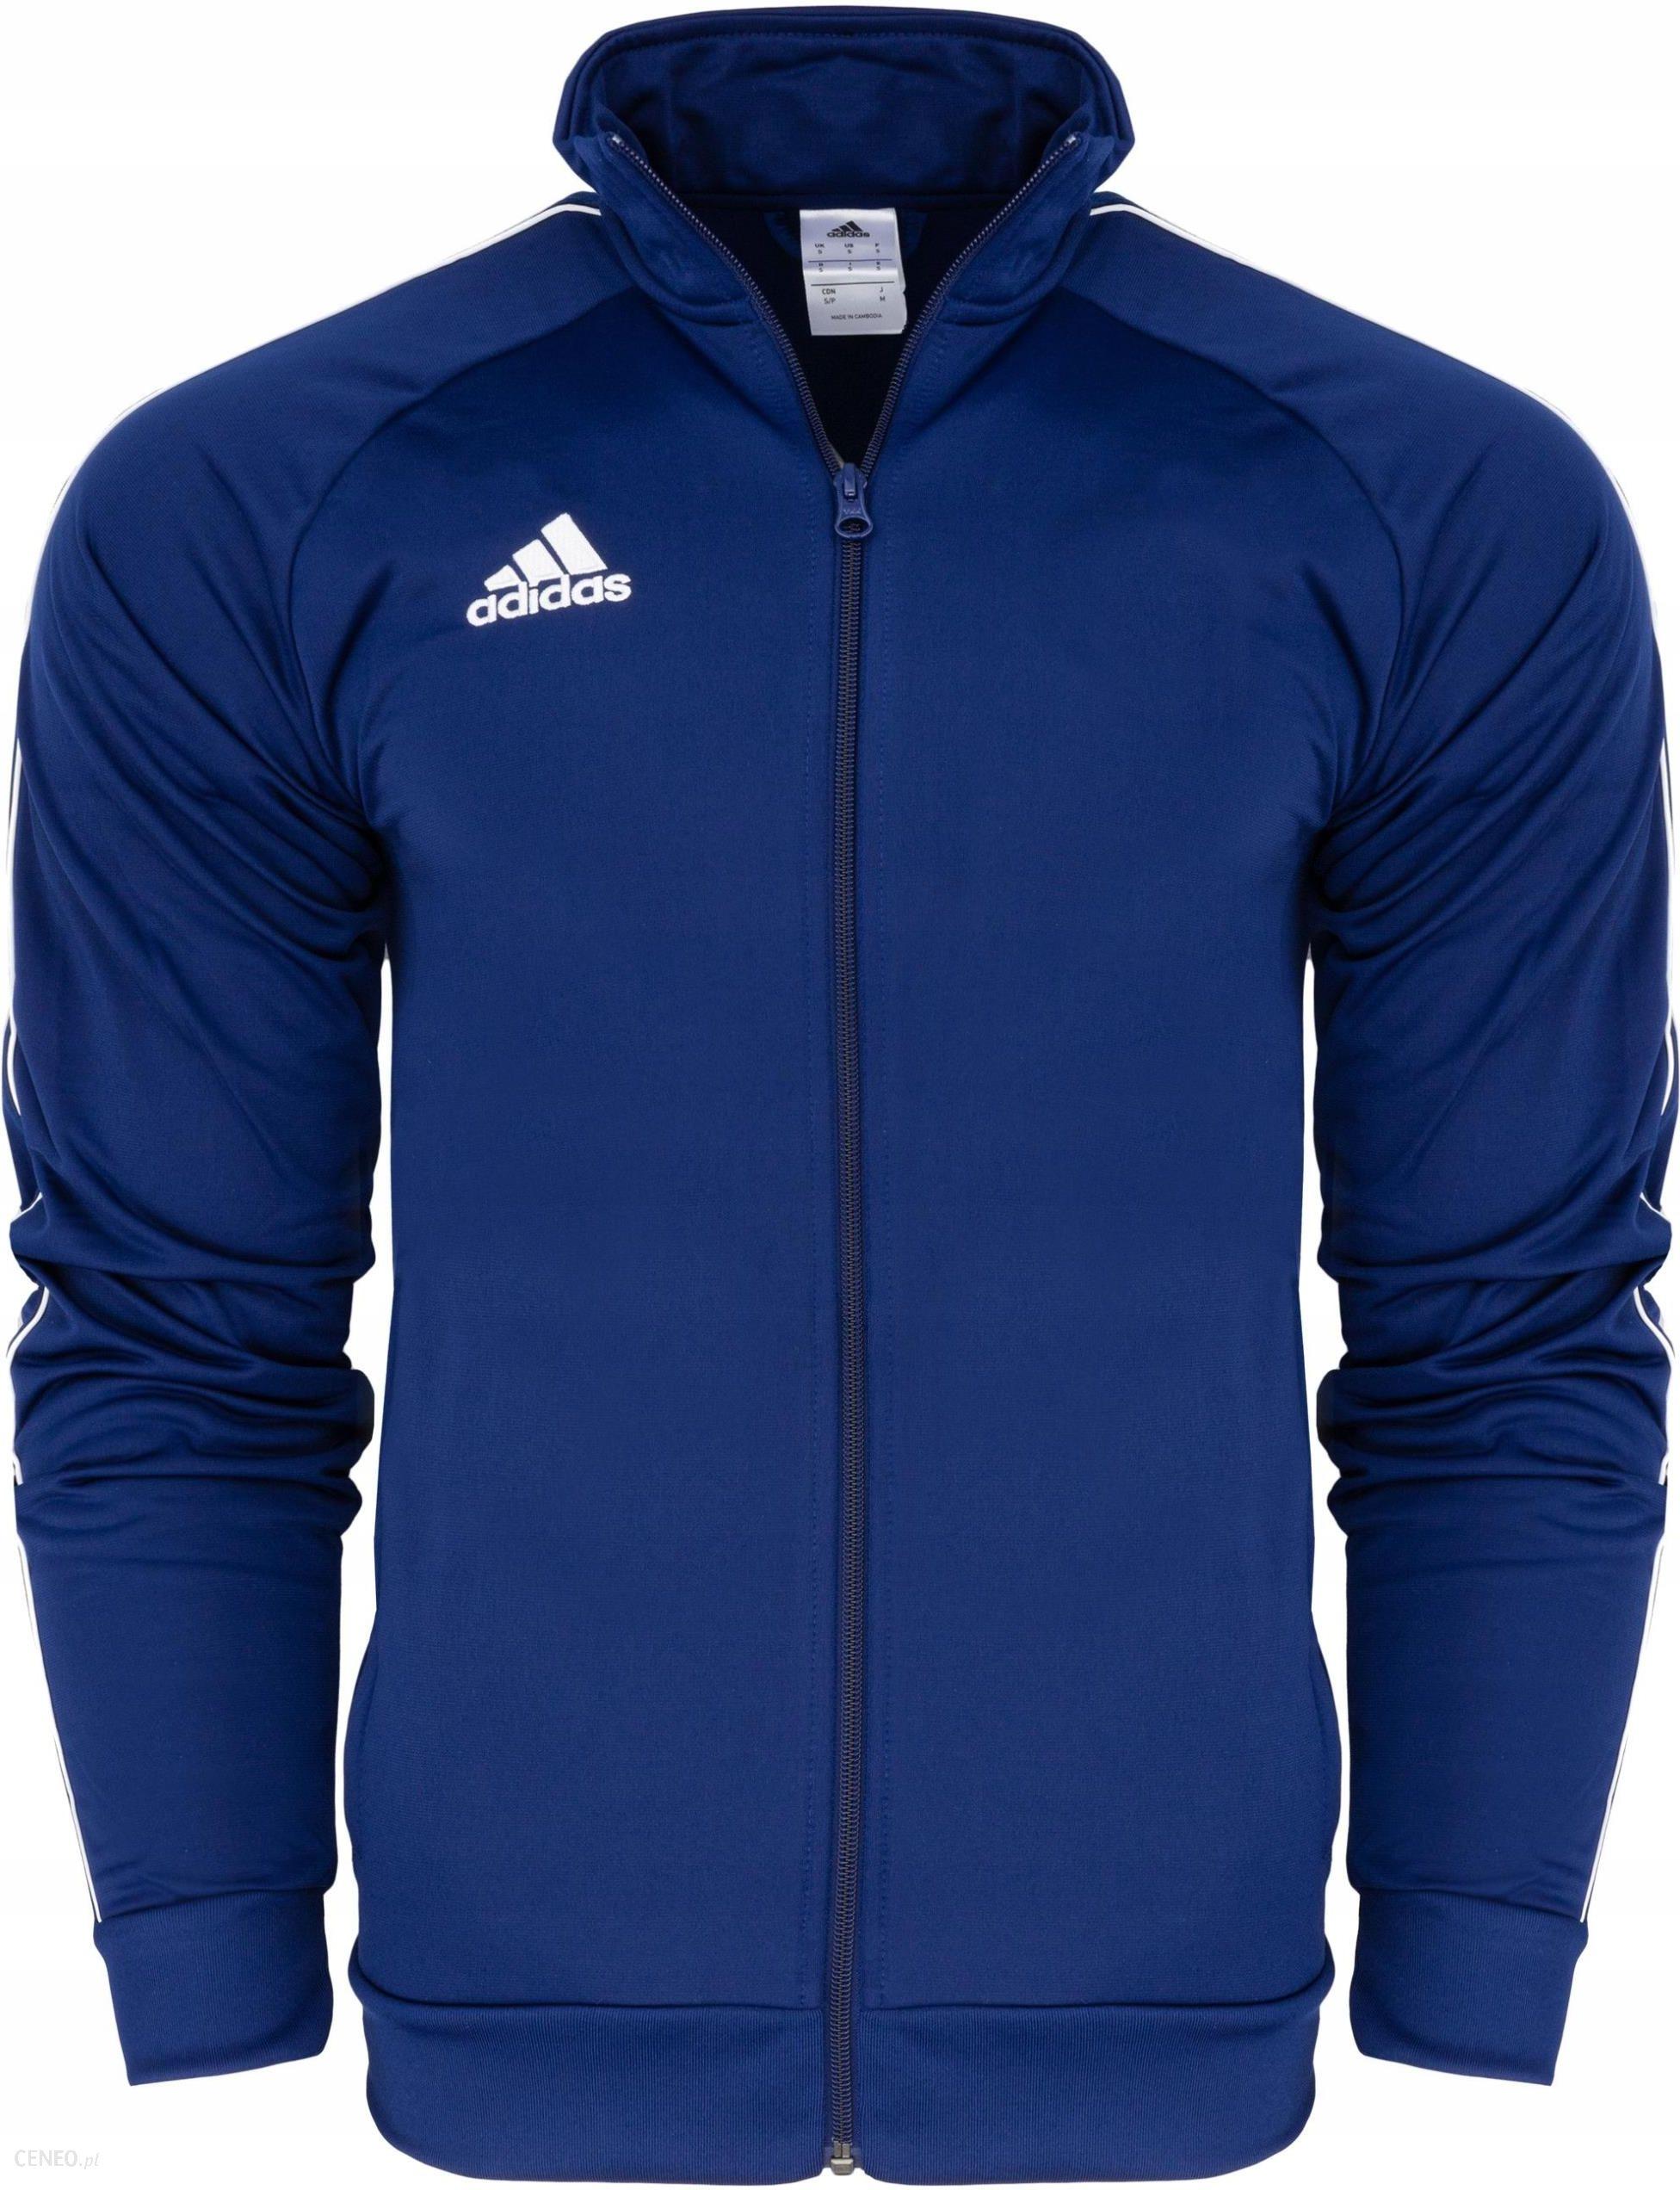 sprzedaż online sekcja specjalna produkty wysokiej jakości Adidas Bluza Męska Treningowa Sportowa Core 18 XL - Ceny i opinie - Ceneo.pl